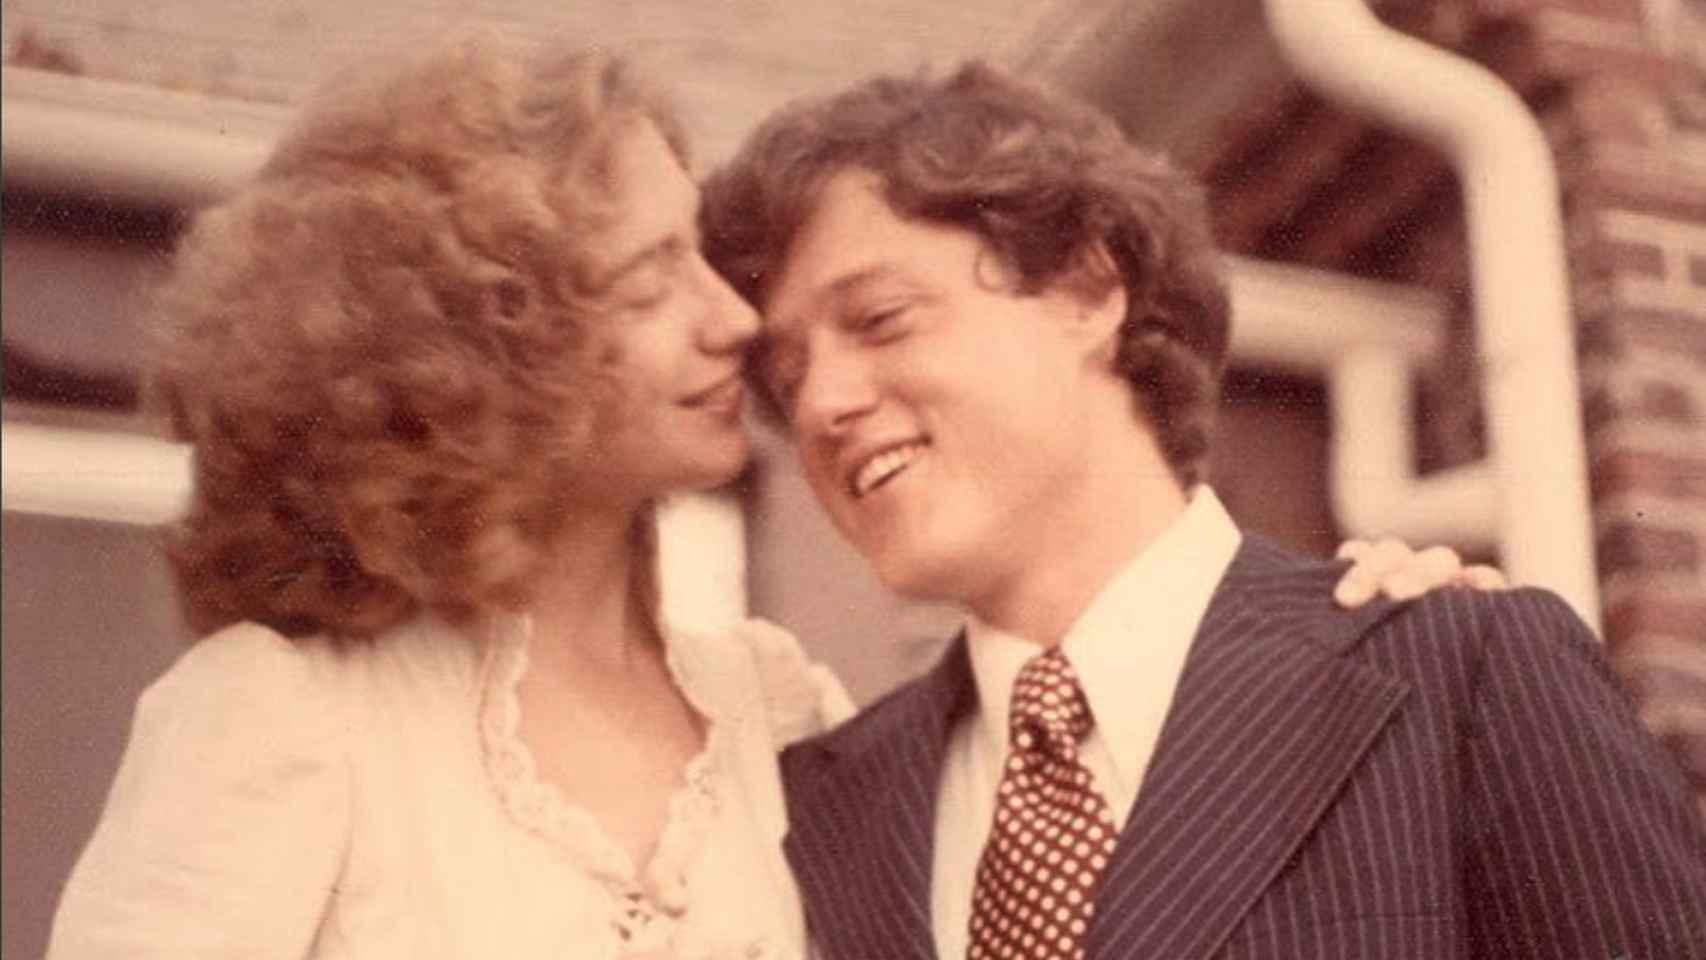 La boda de Bill y Hillary Clinton, celebrada en 1975